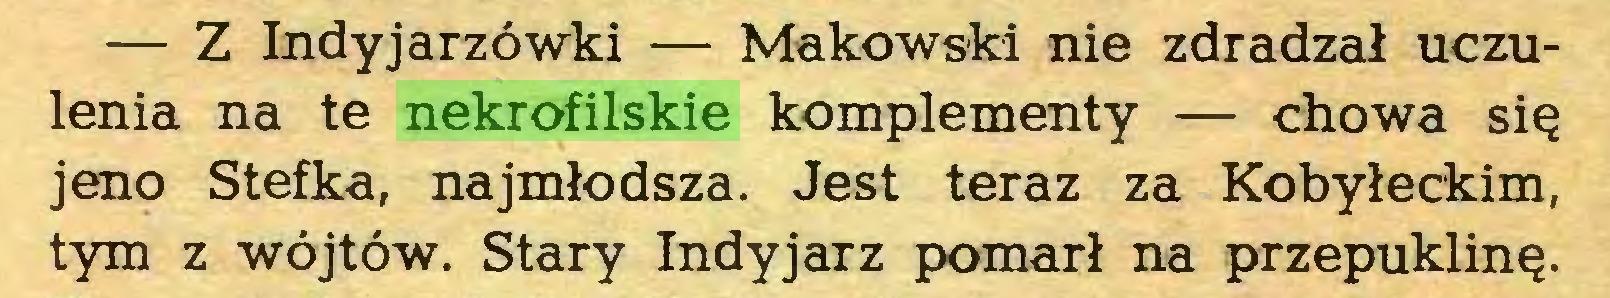 (...) — Z Indyjarzówki — Makowski nie zdradzał uczulenia na te nekrofilskie komplementy — chowa się jeno Stefka, najmłodsza. Jest teraz za Kobyłeckim, tym z wójtów. Stary Indyjarz pomarł na przepuklinę...